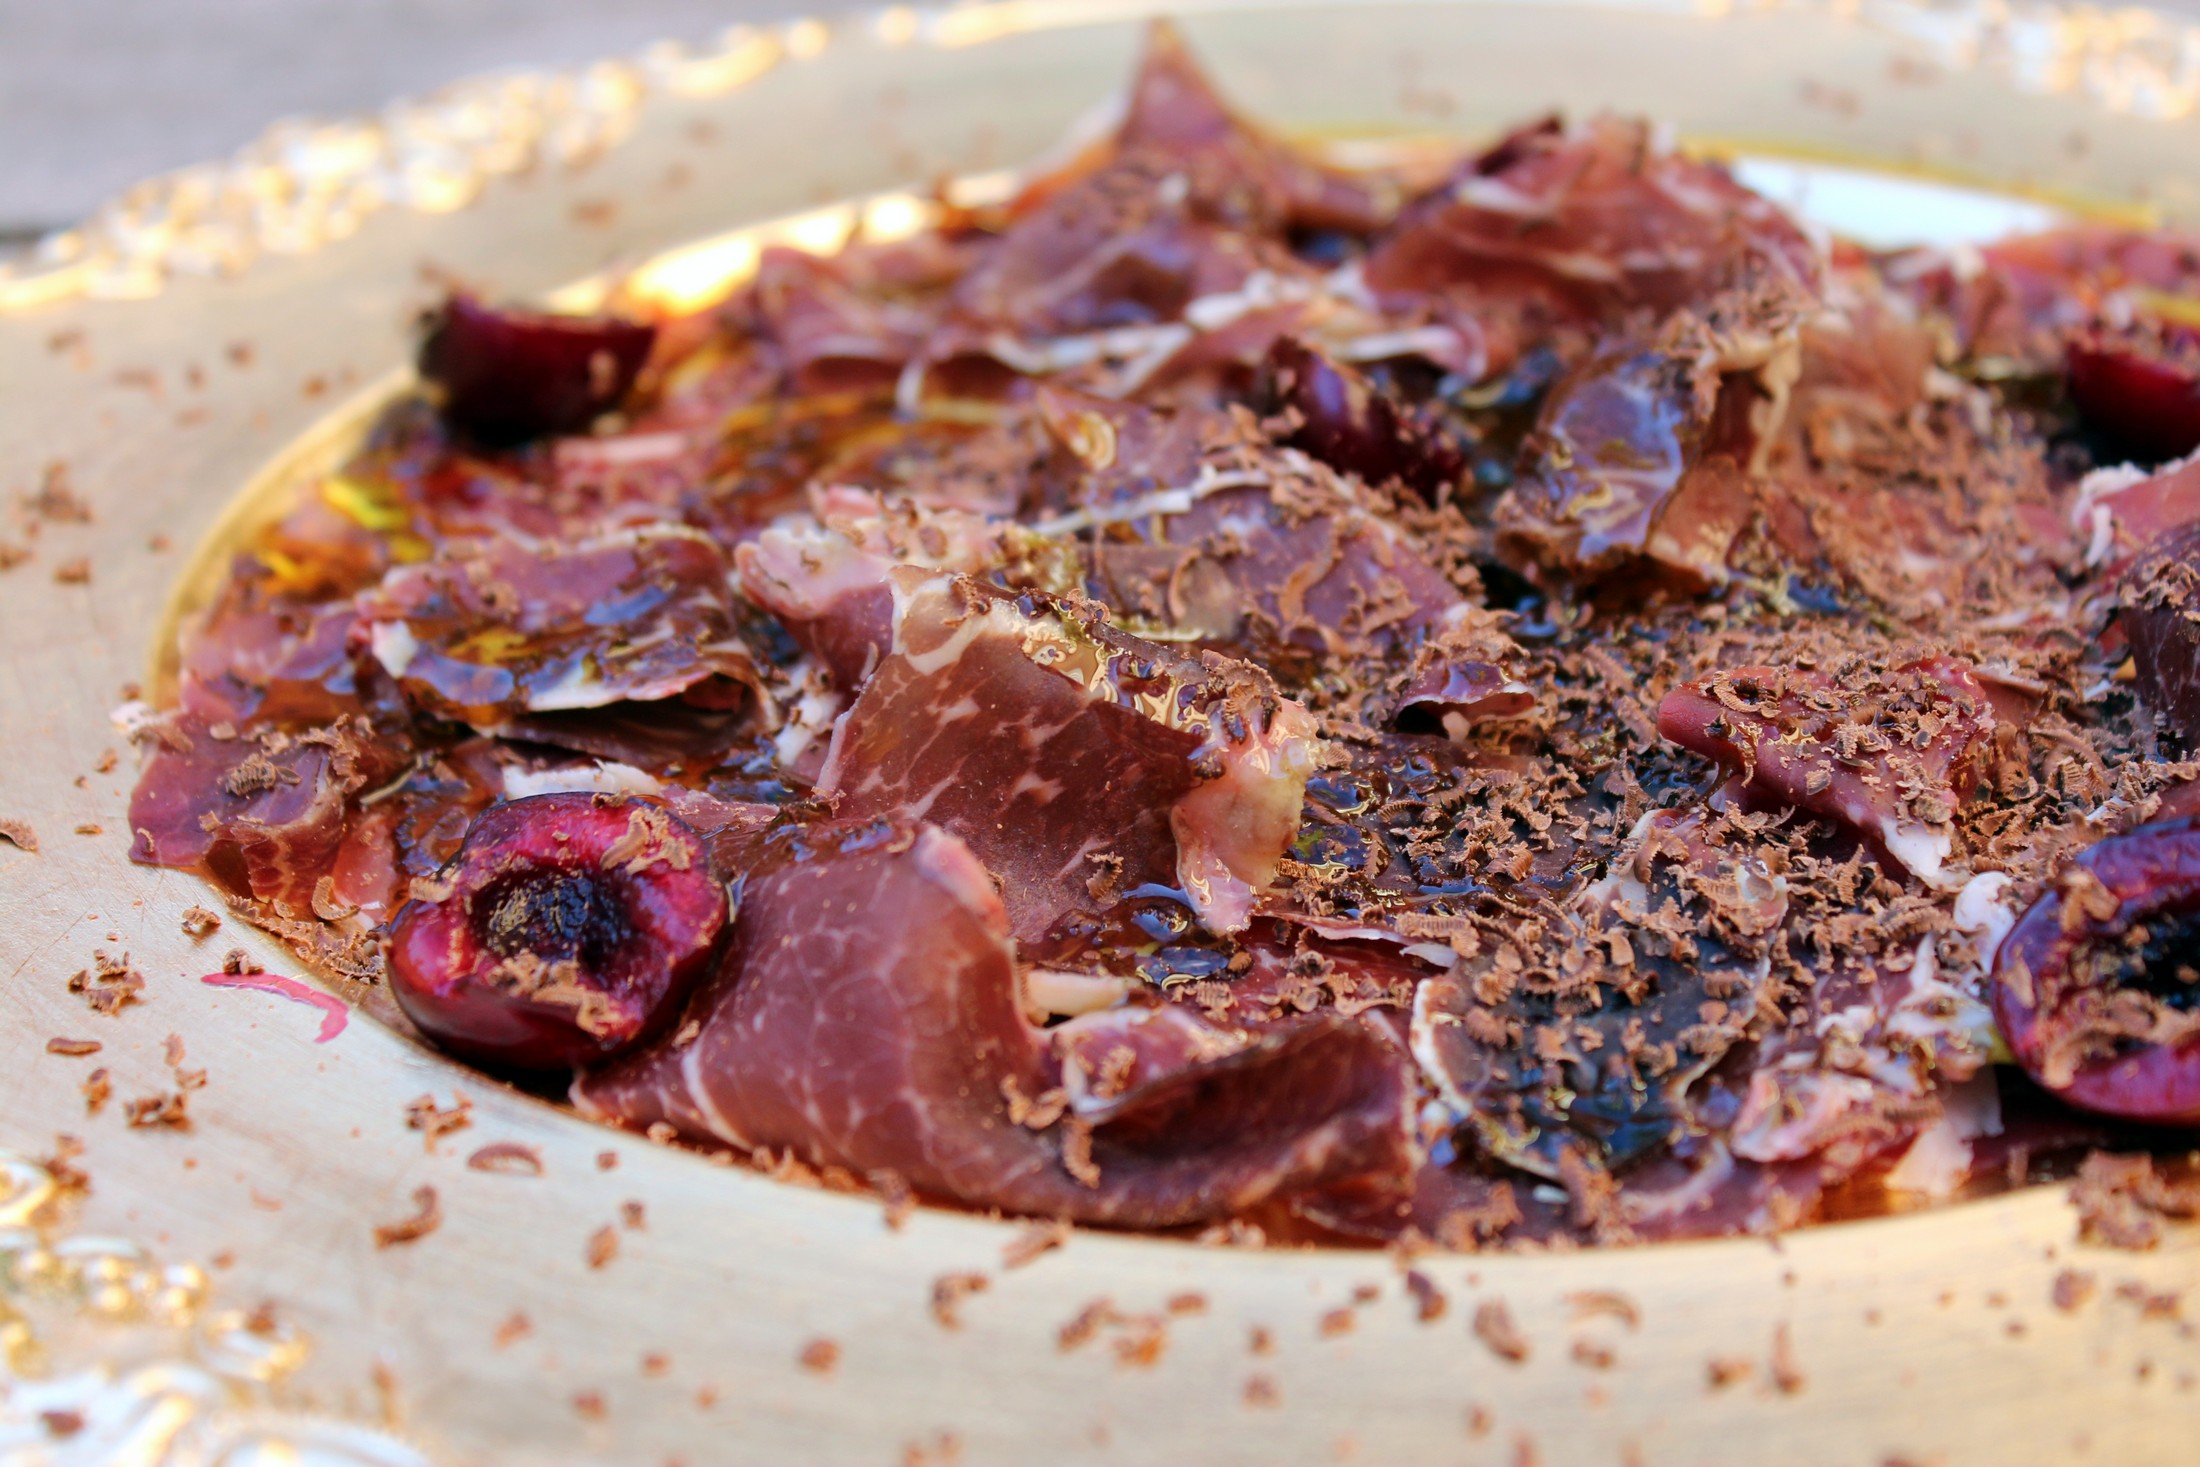 Cecina con chocolate, aceite de oliva y picotas